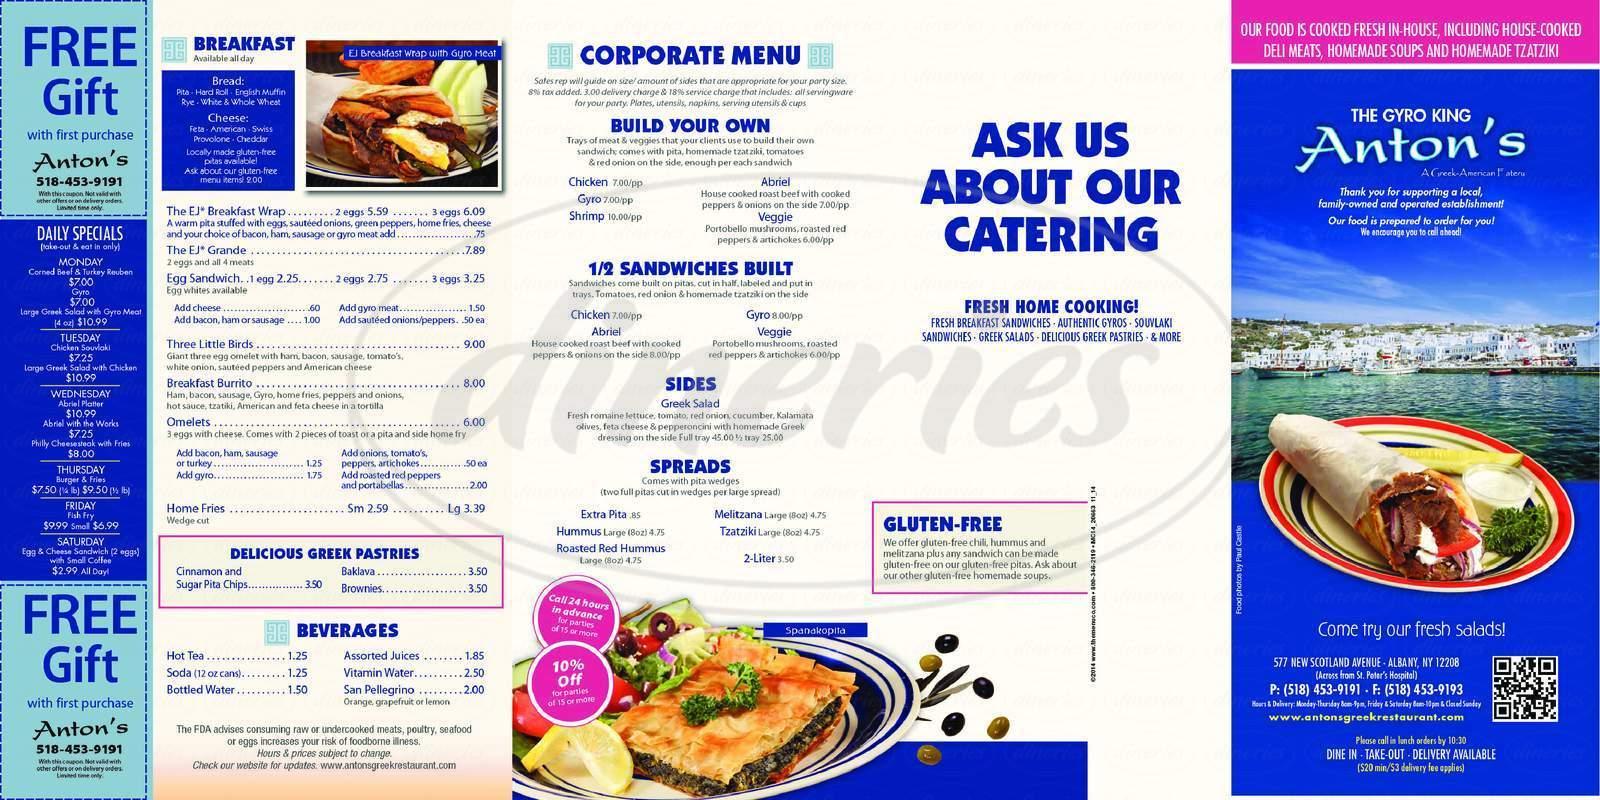 menu for Anton's